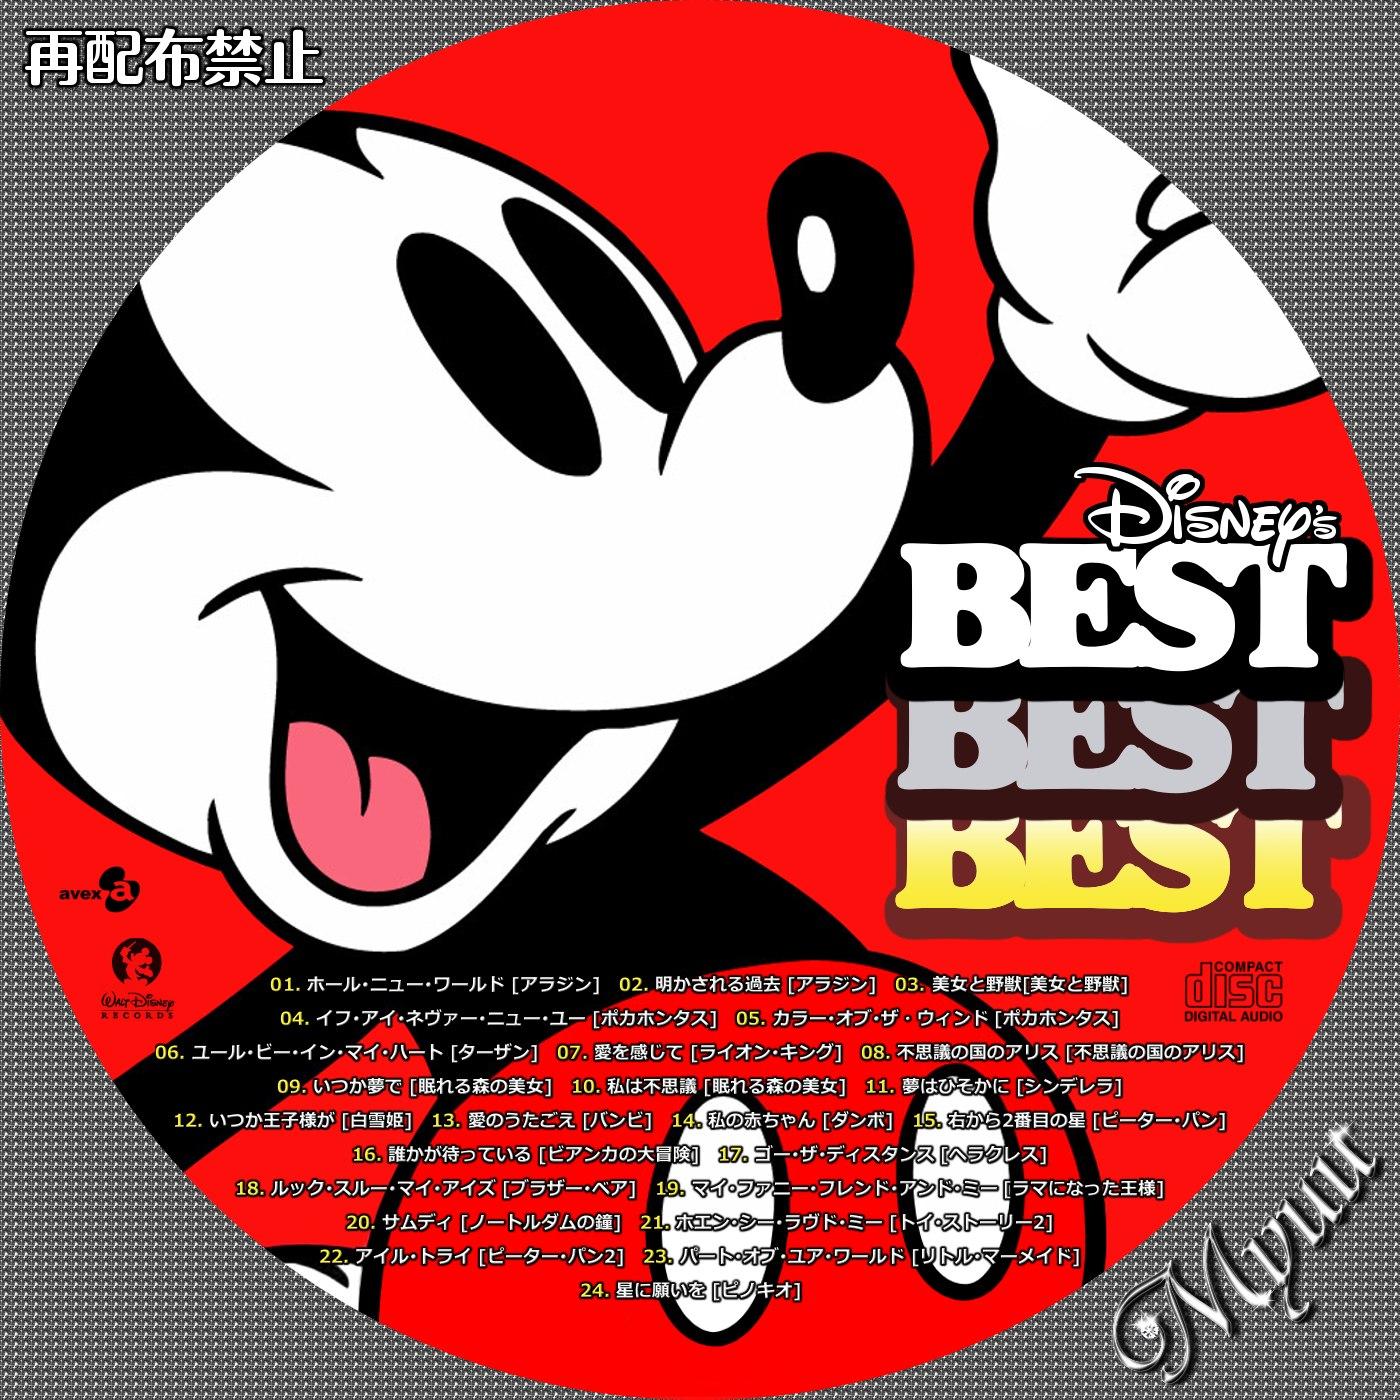 ミュウの気まぐれ☆自作cdラベル☆ |disney best